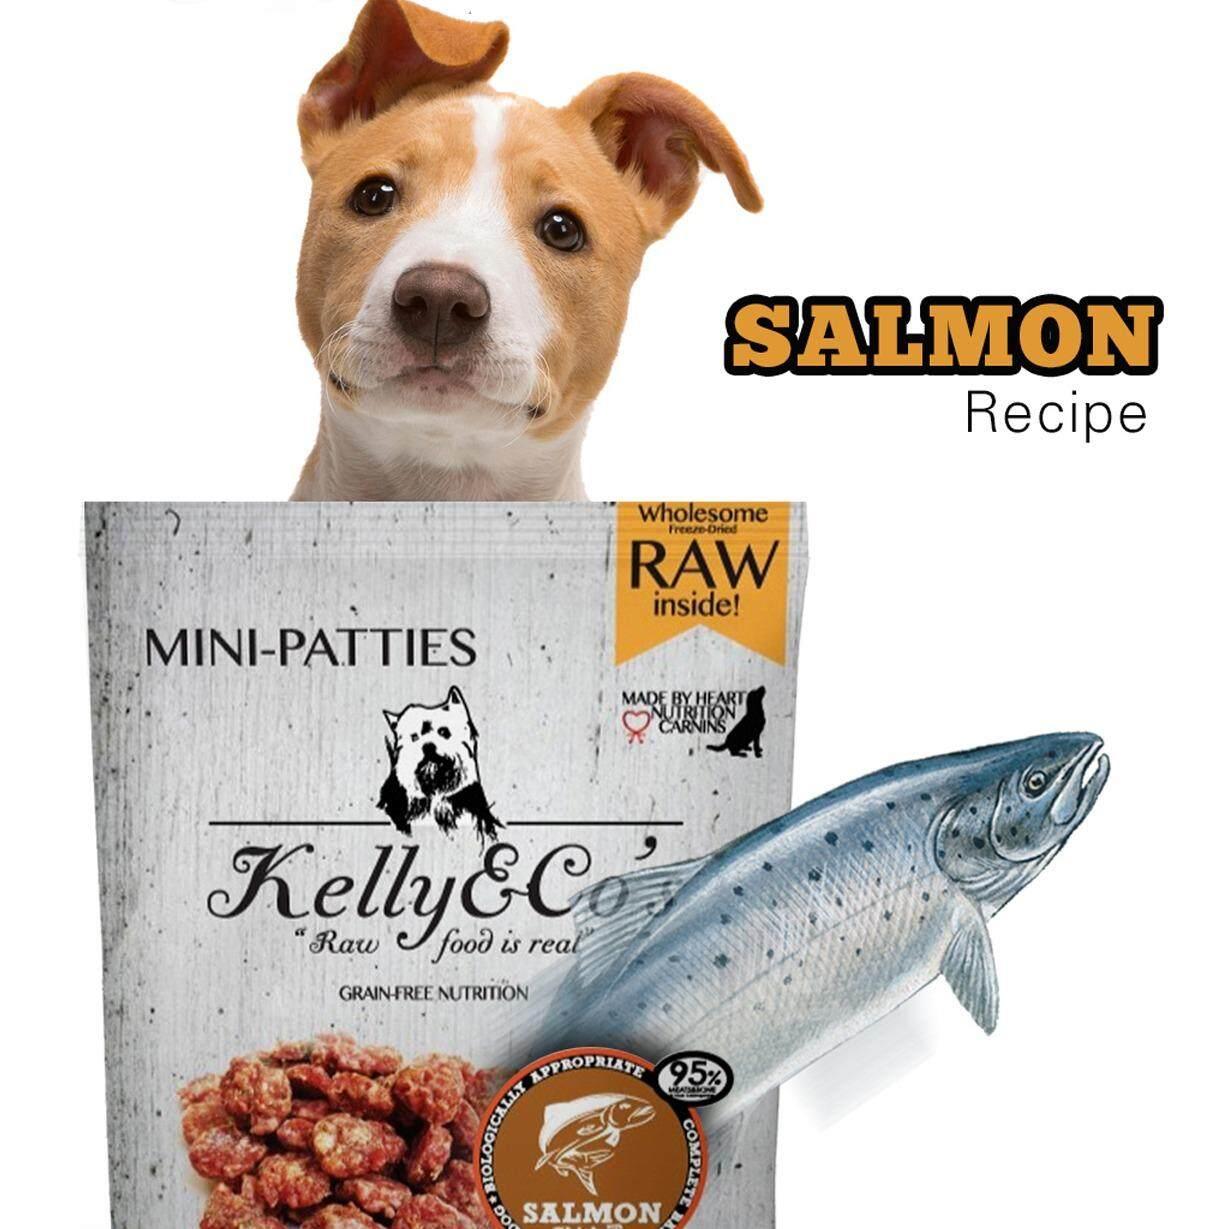 อาหารบาร์ฟสำหรับสุนัข Salmon Flavour 5 Packs ถูก